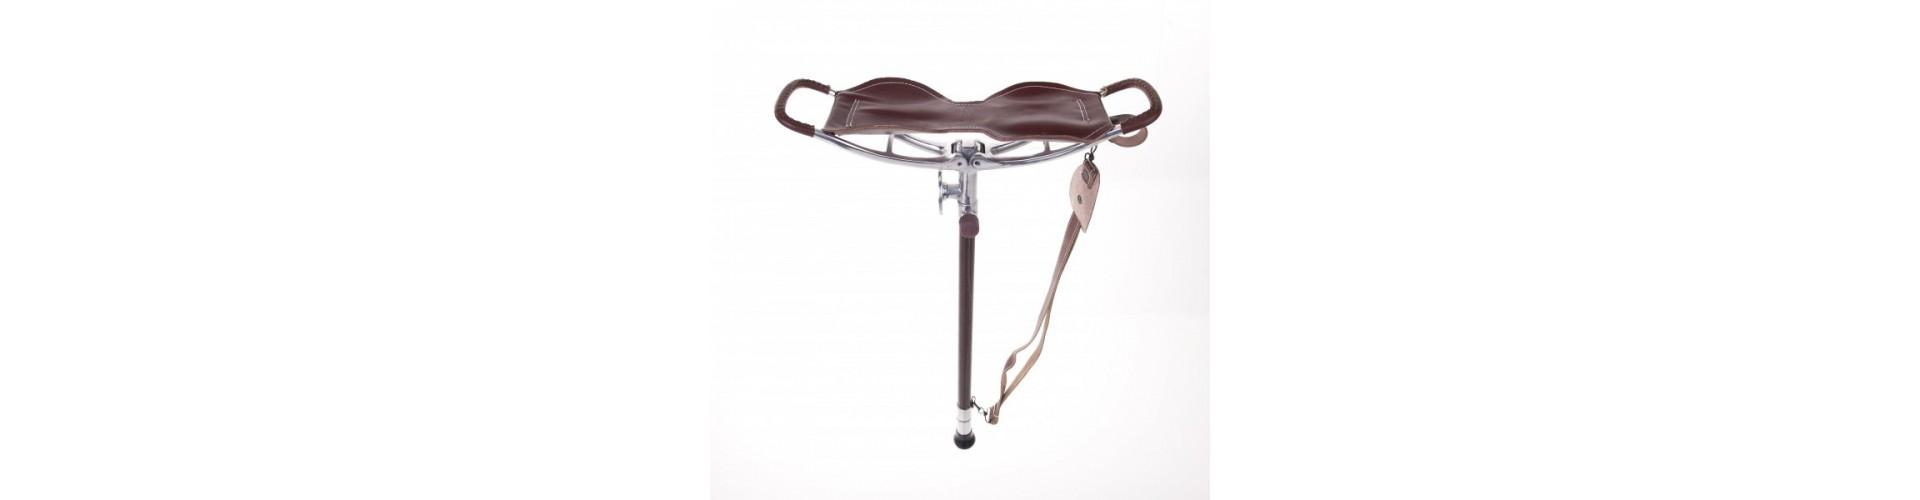 Etbenet jagtstol - Køb etbenet jagtstole og teleskop jagtstole billigt